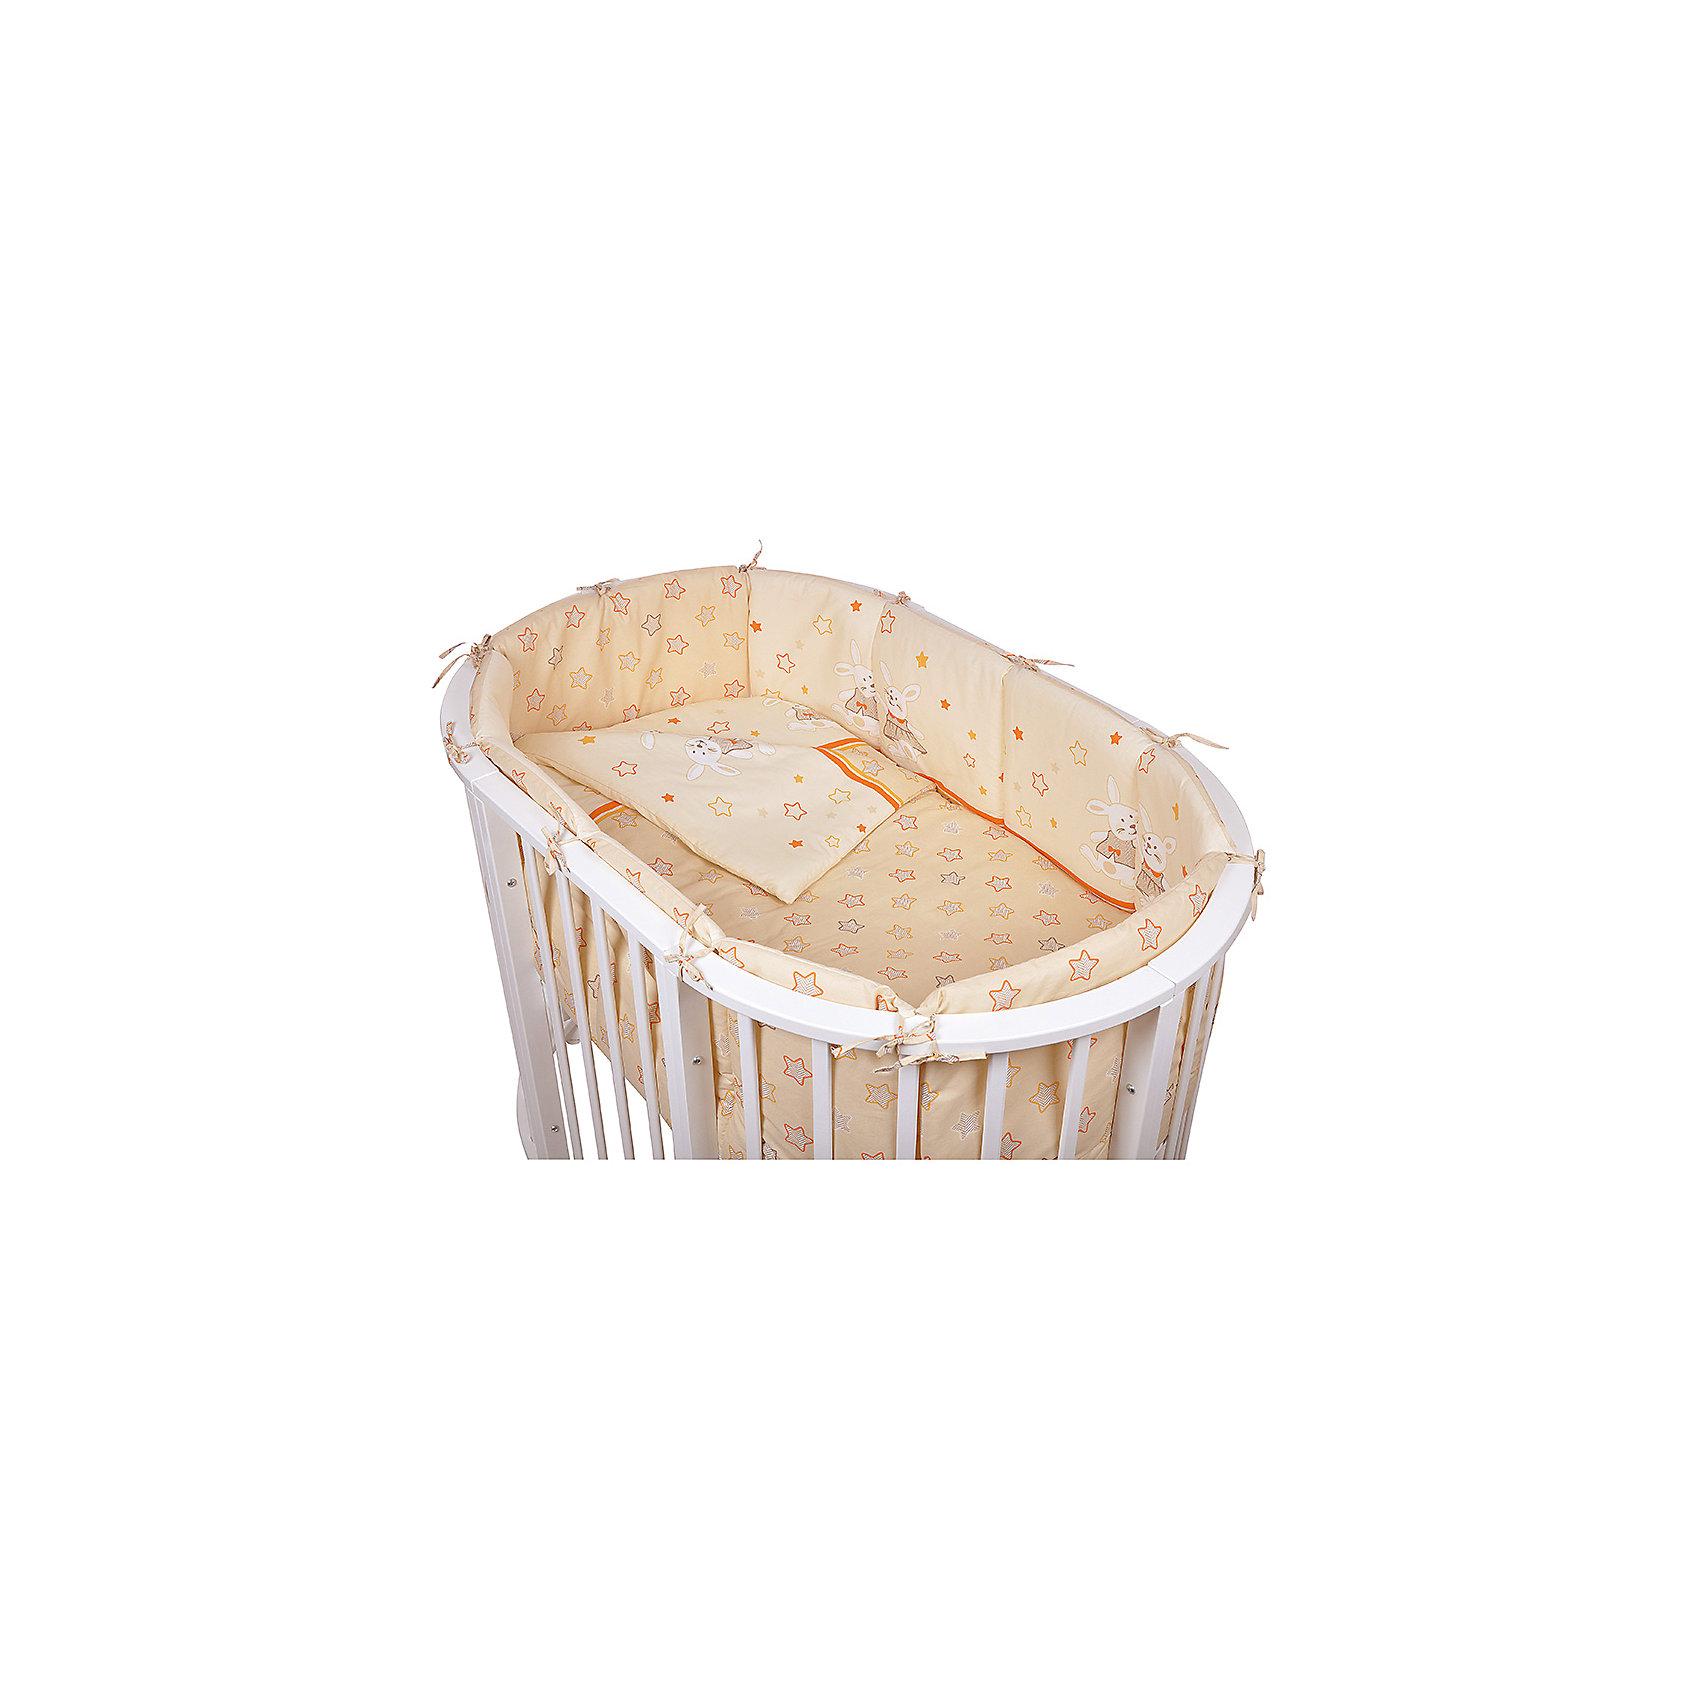 Постельное белье для овальной кроватки Зайки, 6 пред., Pituso, кремовыйПостельное бельё<br>Характеристики товара:<br><br>• возраст с рождения;<br>• материал: бязь, хлопок;<br>• бортик в кроватку из 4 частей 120х60 см<br>• пододеяльник 147х112 см<br>• наволочка 60х40 см<br>• простыня на резинке 100х150 см<br>• одеяло 140х110 см<br>• подушка 60х40 см;<br>• размер упаковки 59х45х28 см;<br>• вес упаковки 2,8 кг;<br>• страна производитель: Россия.<br><br>Постельное белье для овальной кроватки Зайки Pituso кремовое обеспечит крохе уют и спокойный сон. Наполнитель является экологическим и безопасным для детей, он пропускает воздух, не вызывает аллергических реакций, в нем не заводятся вредные микроорганизмы. Изготовлен комплект из натурального мягкого хлопка, который легко стирается, не теряет цвет.<br><br>Постельное белье для овальной кроватки Зайки Pituso кремовое 6 предметов можно приобрести в нашем интернет-магазине.<br><br>Ширина мм: 590<br>Глубина мм: 450<br>Высота мм: 280<br>Вес г: 2800<br>Возраст от месяцев: 0<br>Возраст до месяцев: 36<br>Пол: Унисекс<br>Возраст: Детский<br>SKU: 5563666